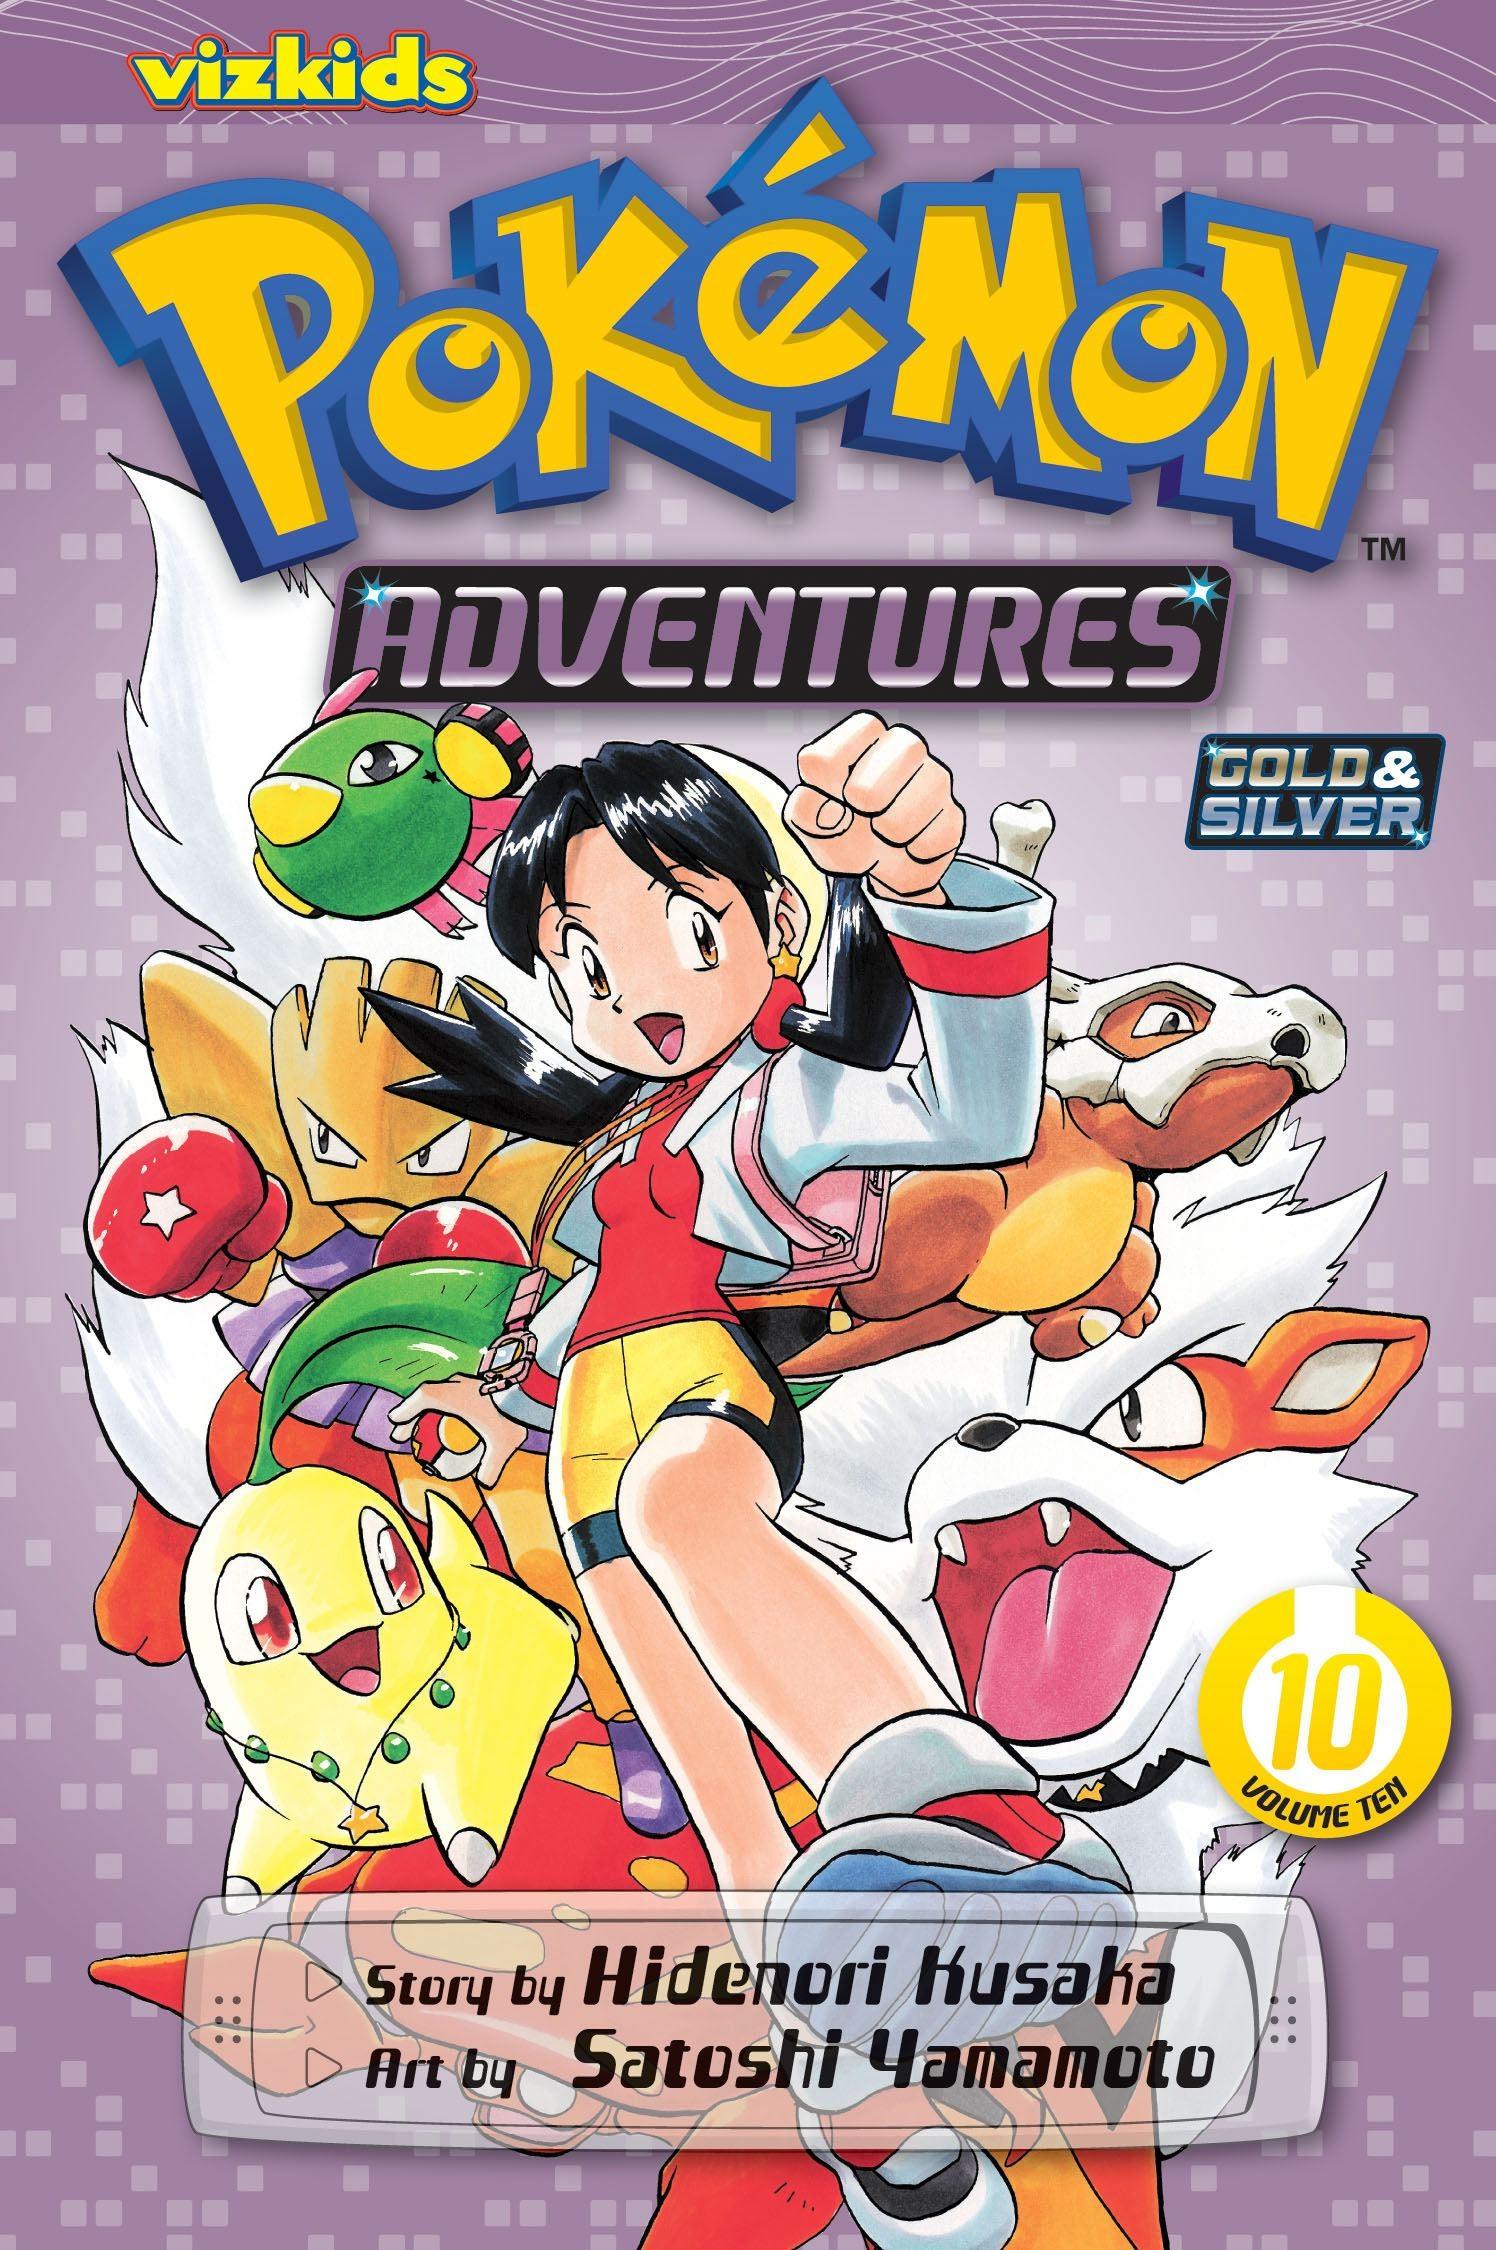 Pokémon Adventures, Vol.10 by Hidenori Kusaka